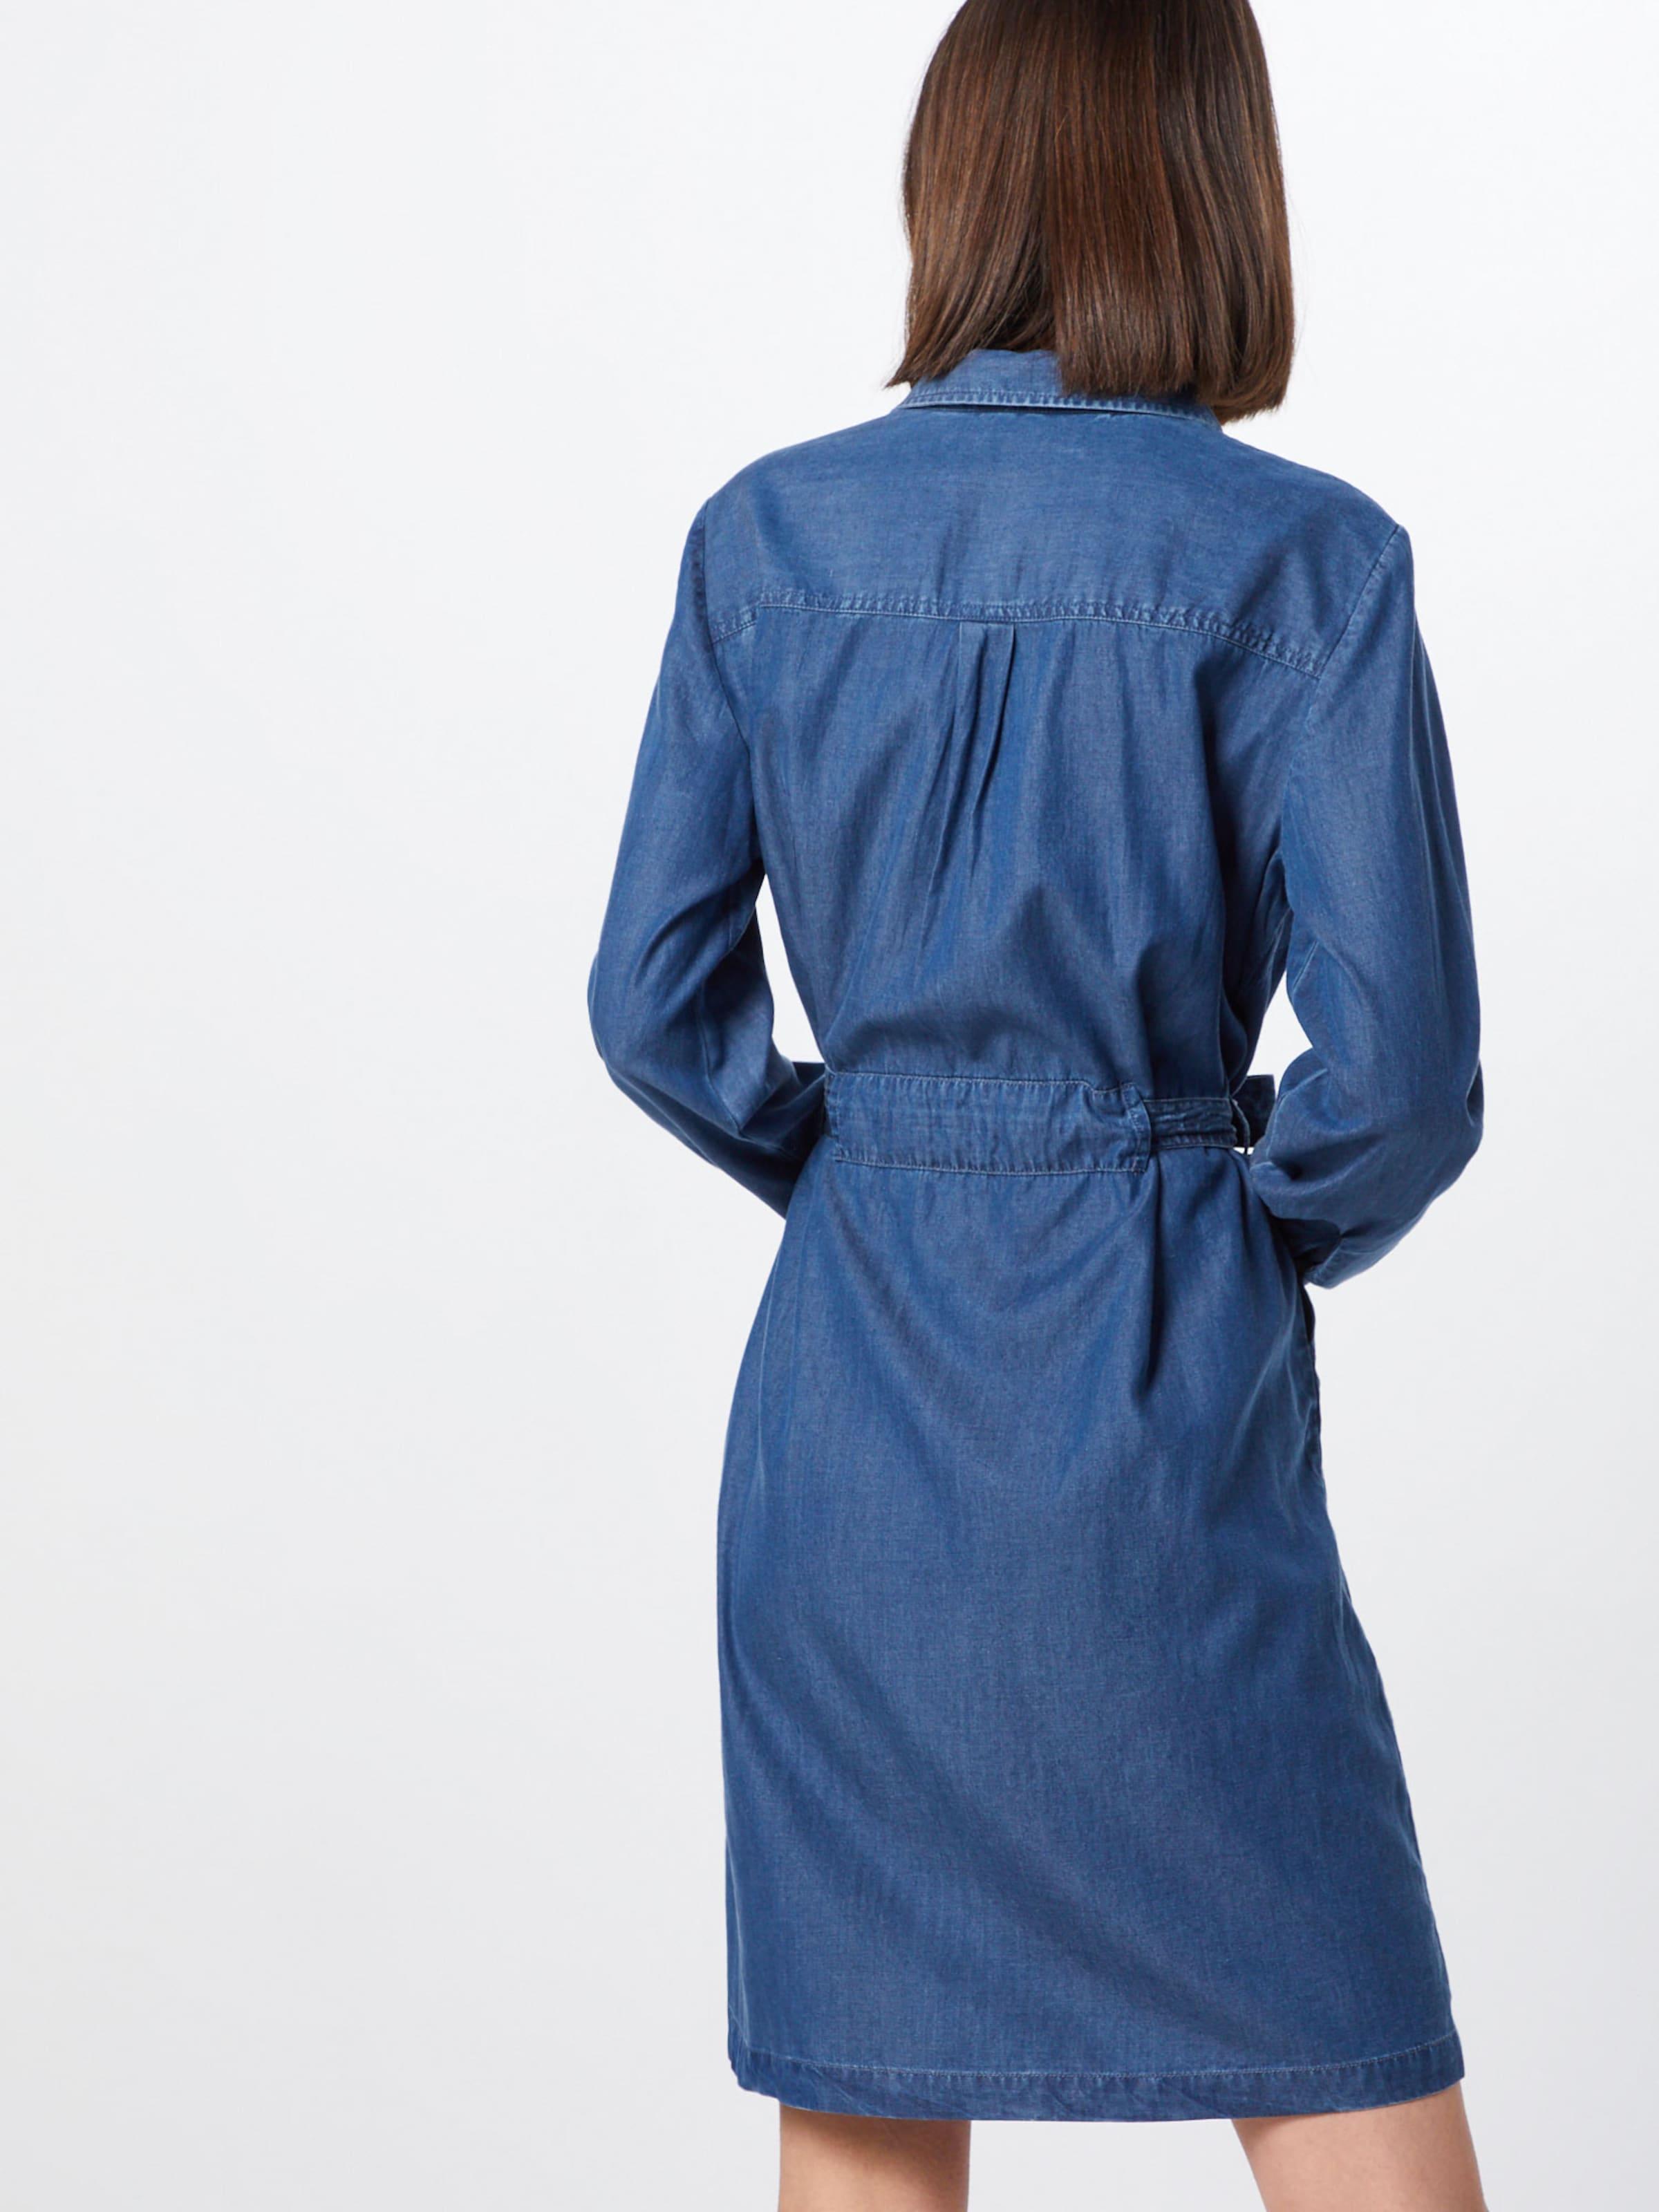 Robe En Tailor chemise Bleu Denim Tom m0wN8vn